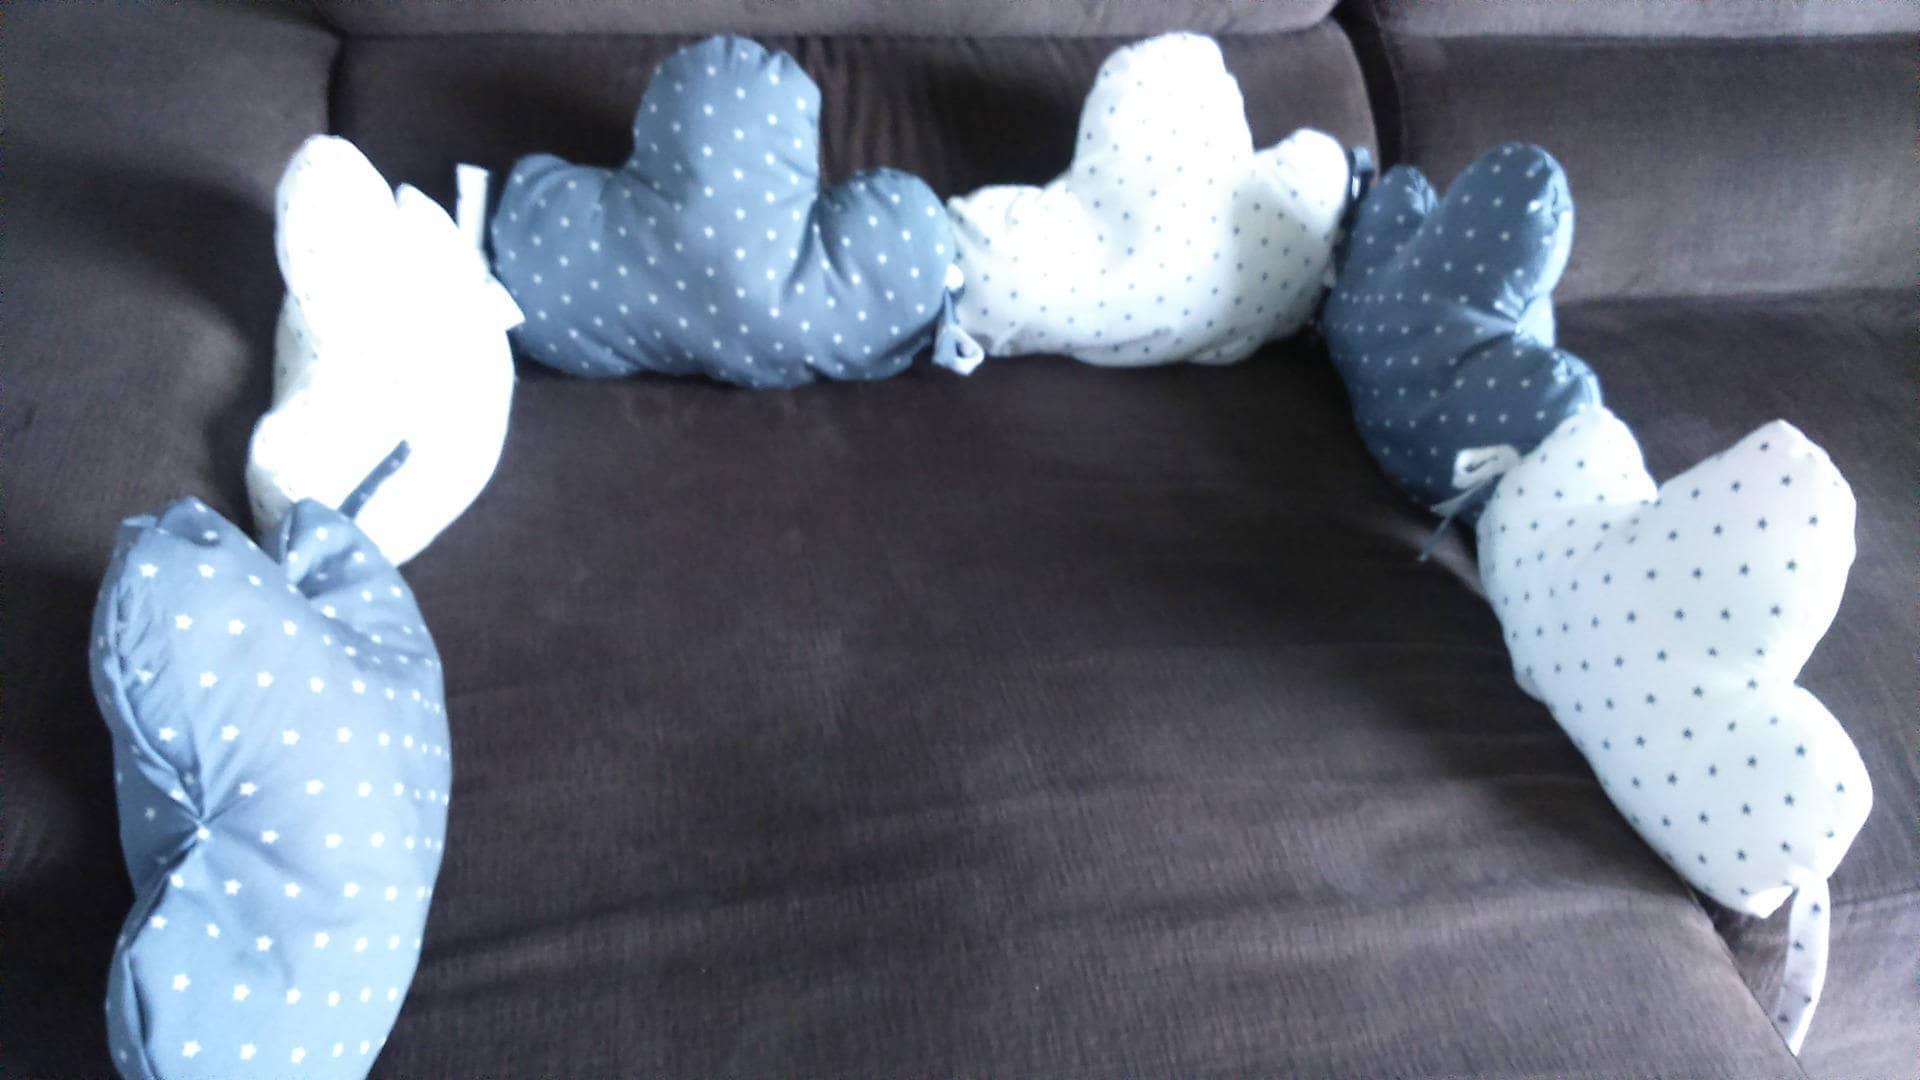 Disponible tour de lit 6 coussins forme nuage imprim gris - Coussin en forme de nuage ...